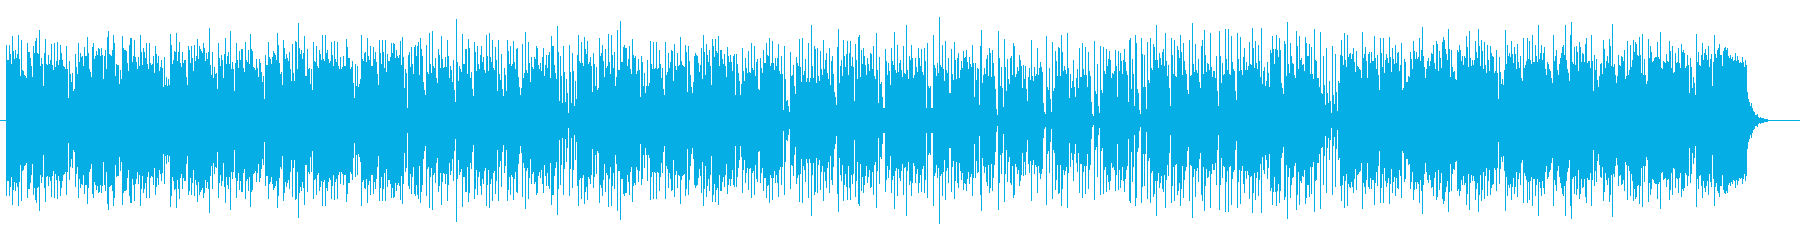 クールでソウルフルなグルーヴのポップスの再生済みの波形